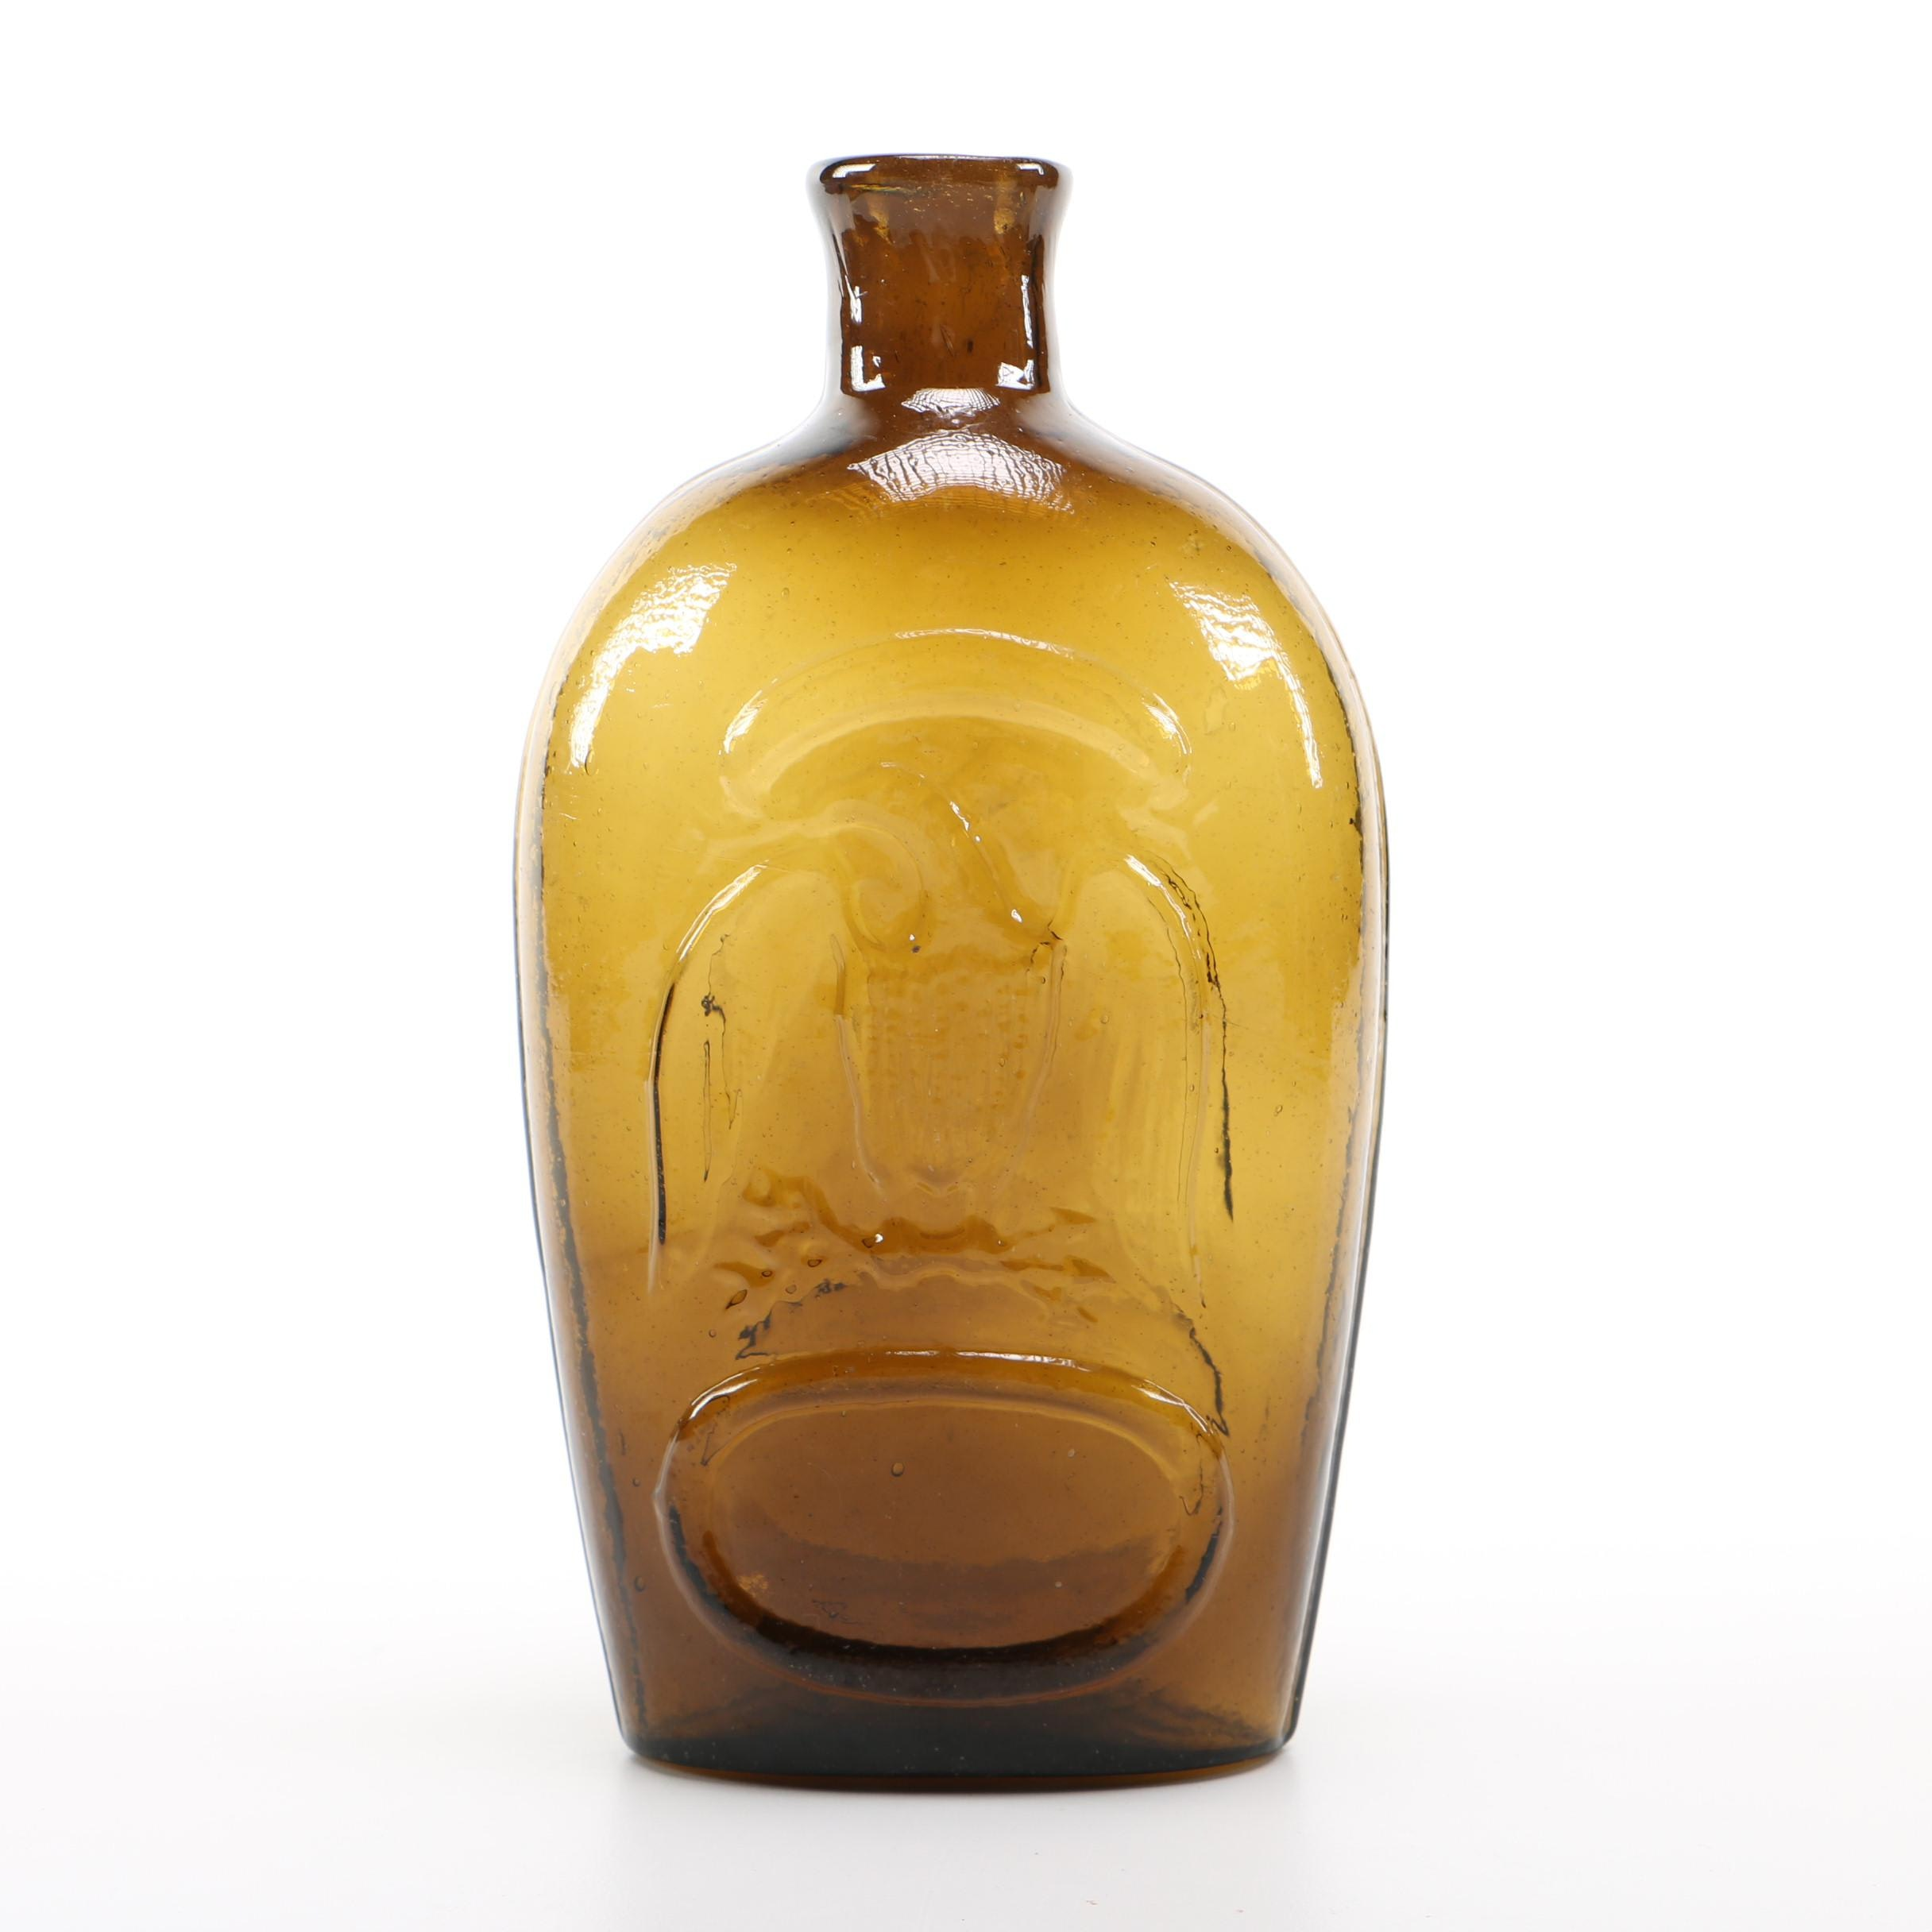 Vintage Patriotic Glass Bottle